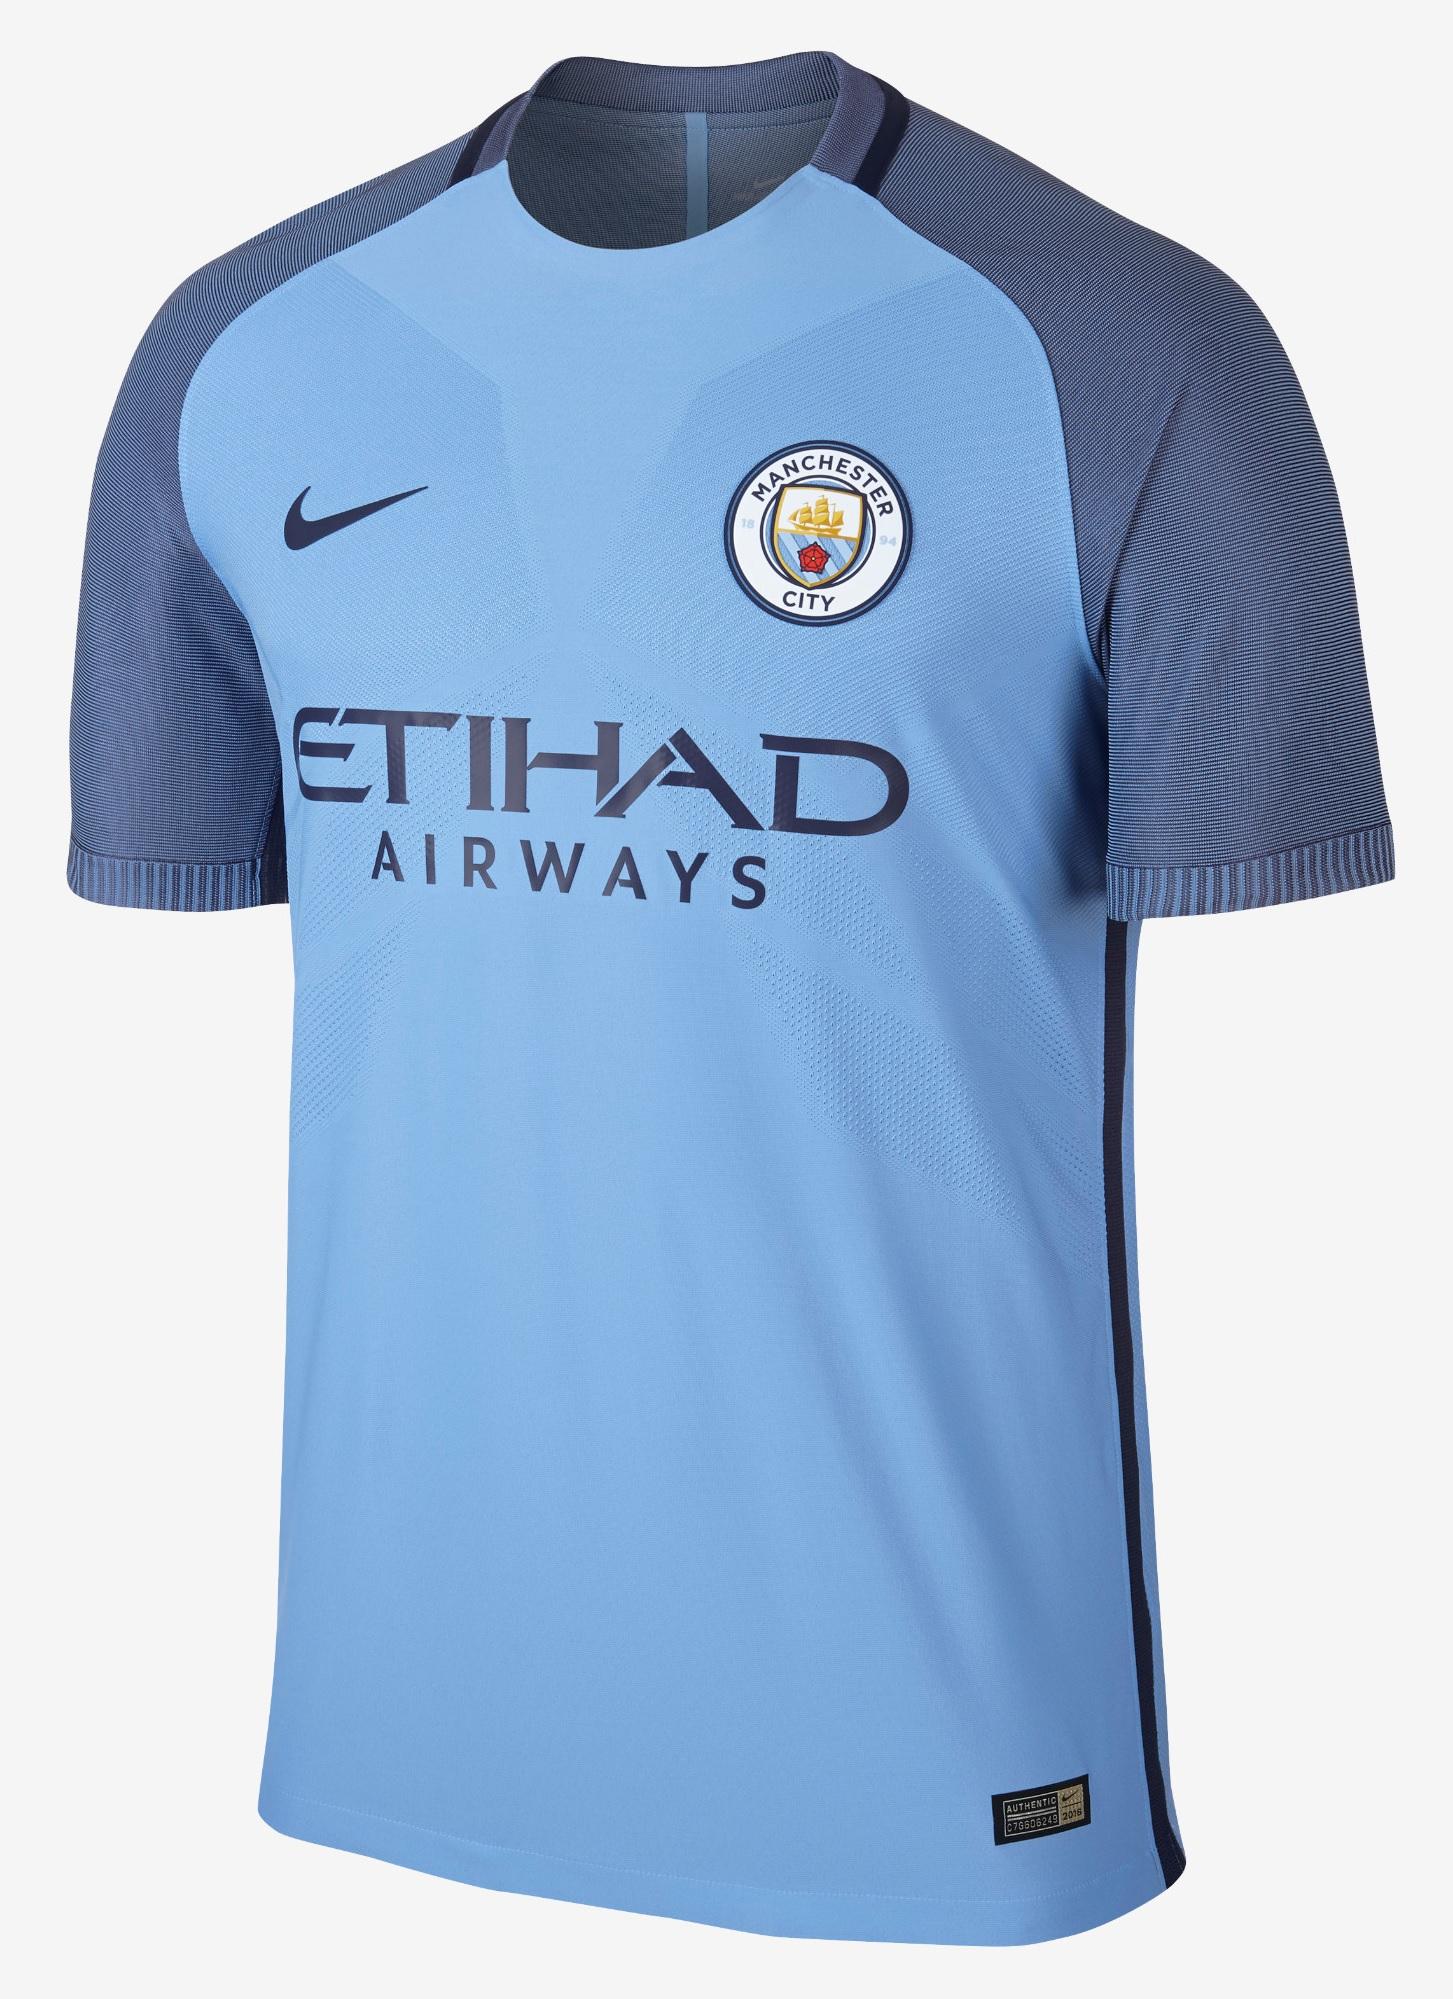 Manchester City shirt 2017